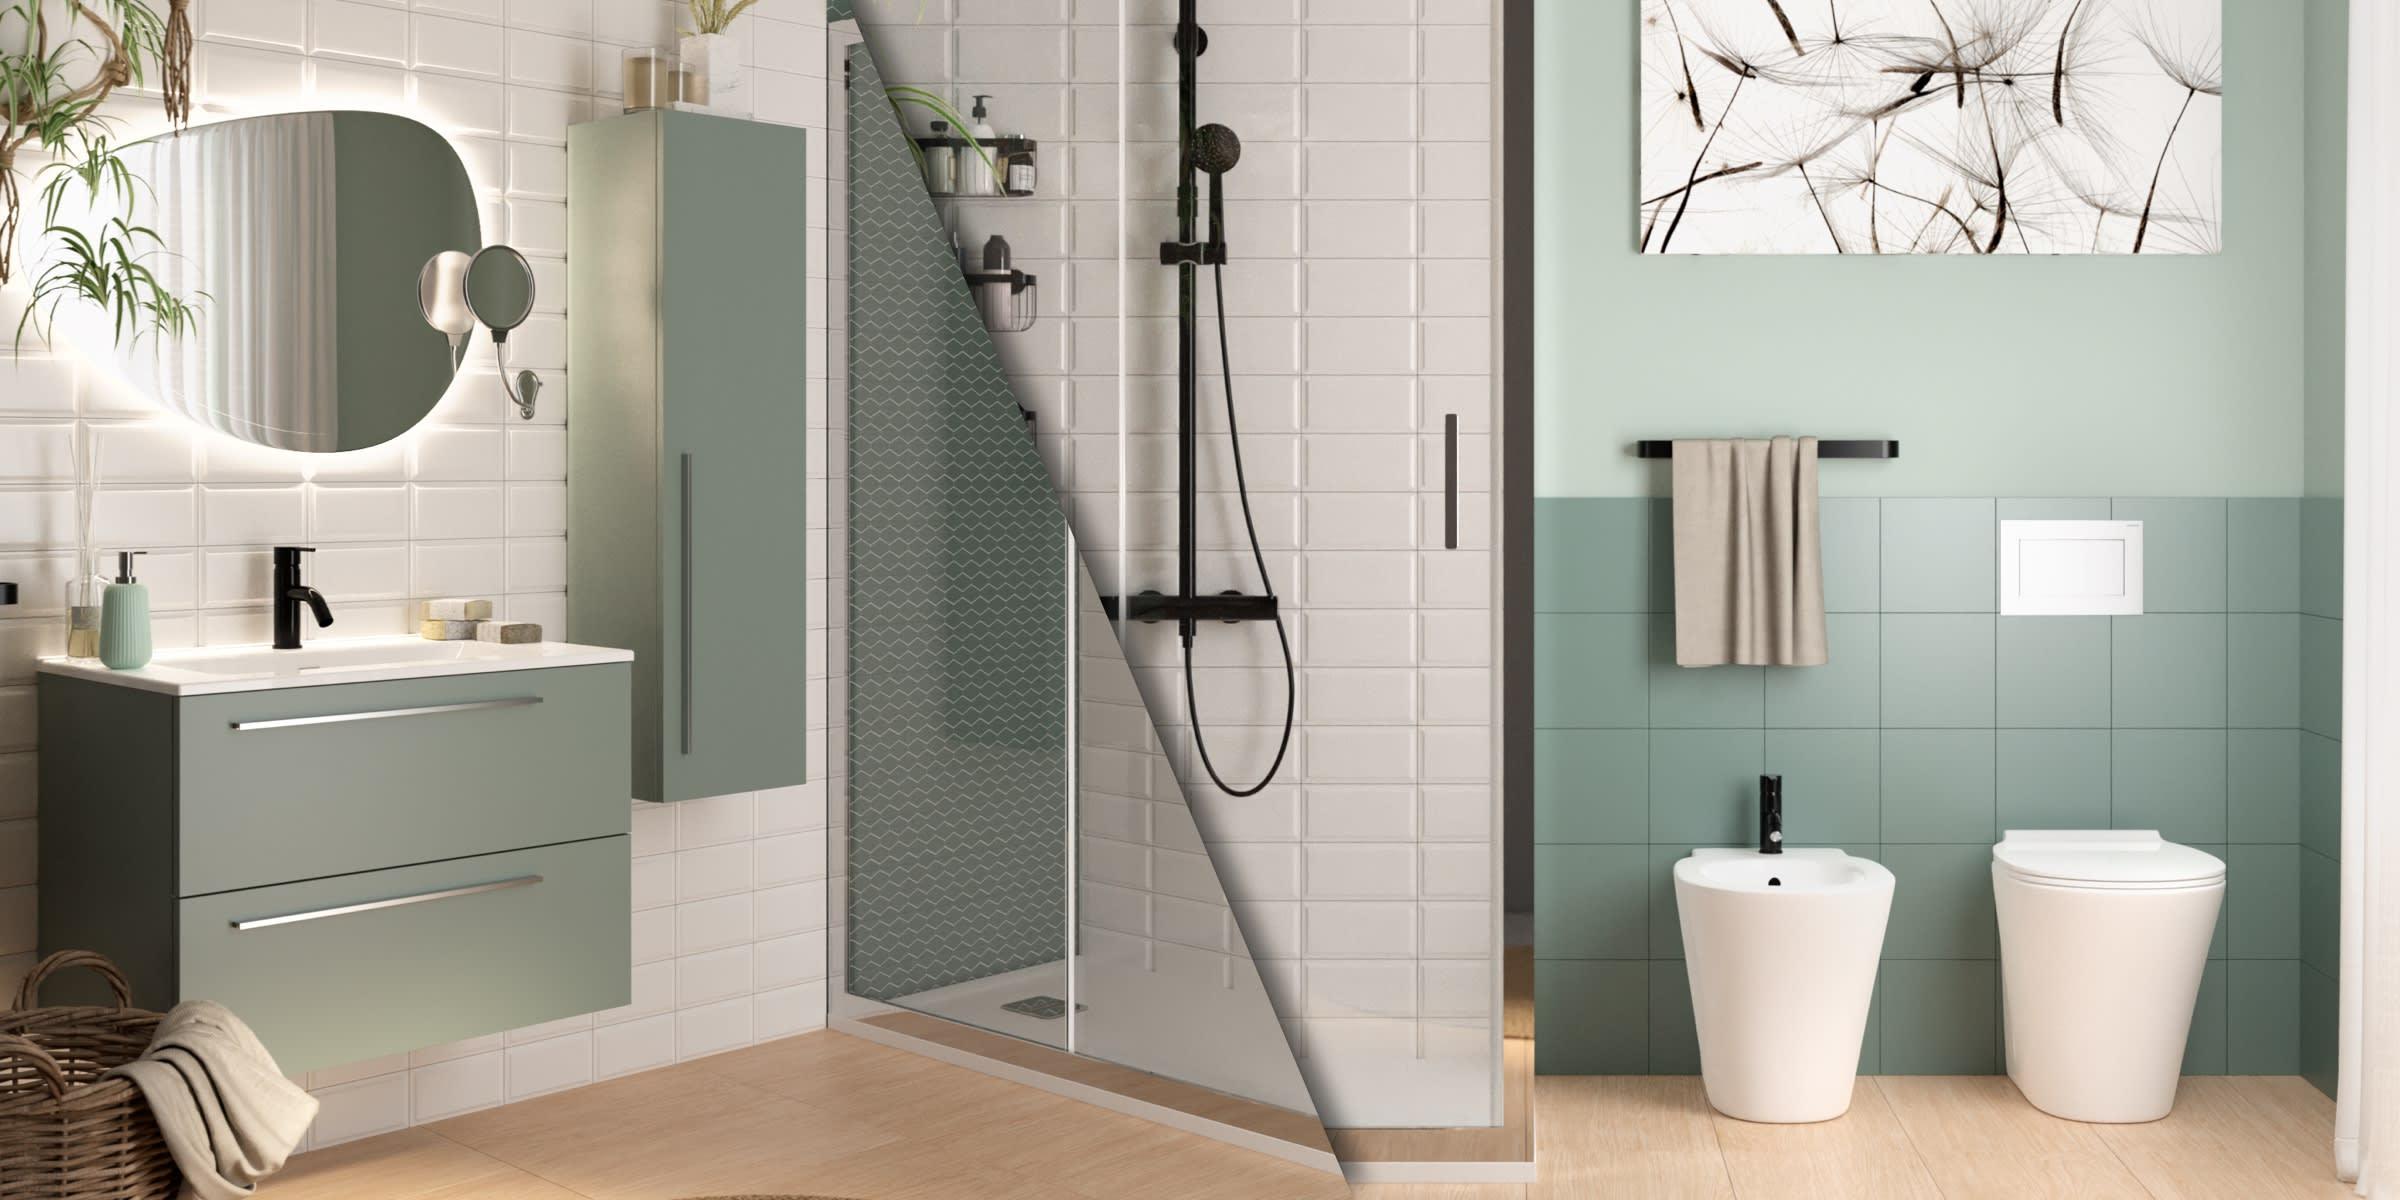 rinnovare-bagno-senza-togliere-le-piastrelle